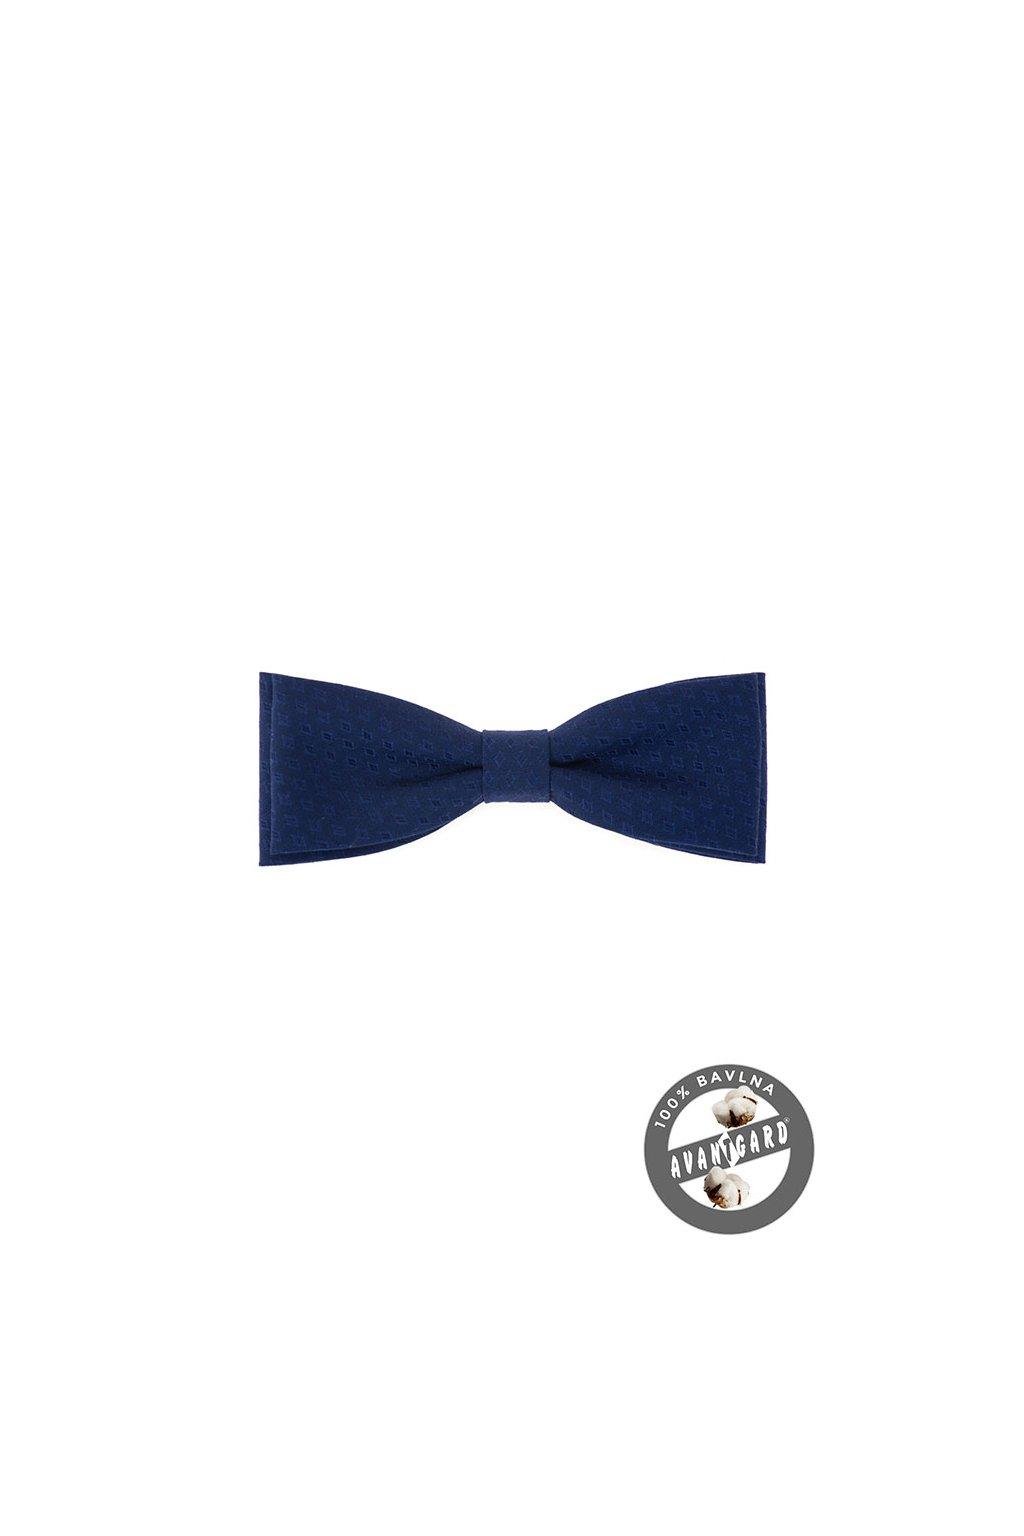 Pánský motýlek modrý 576 - 51011